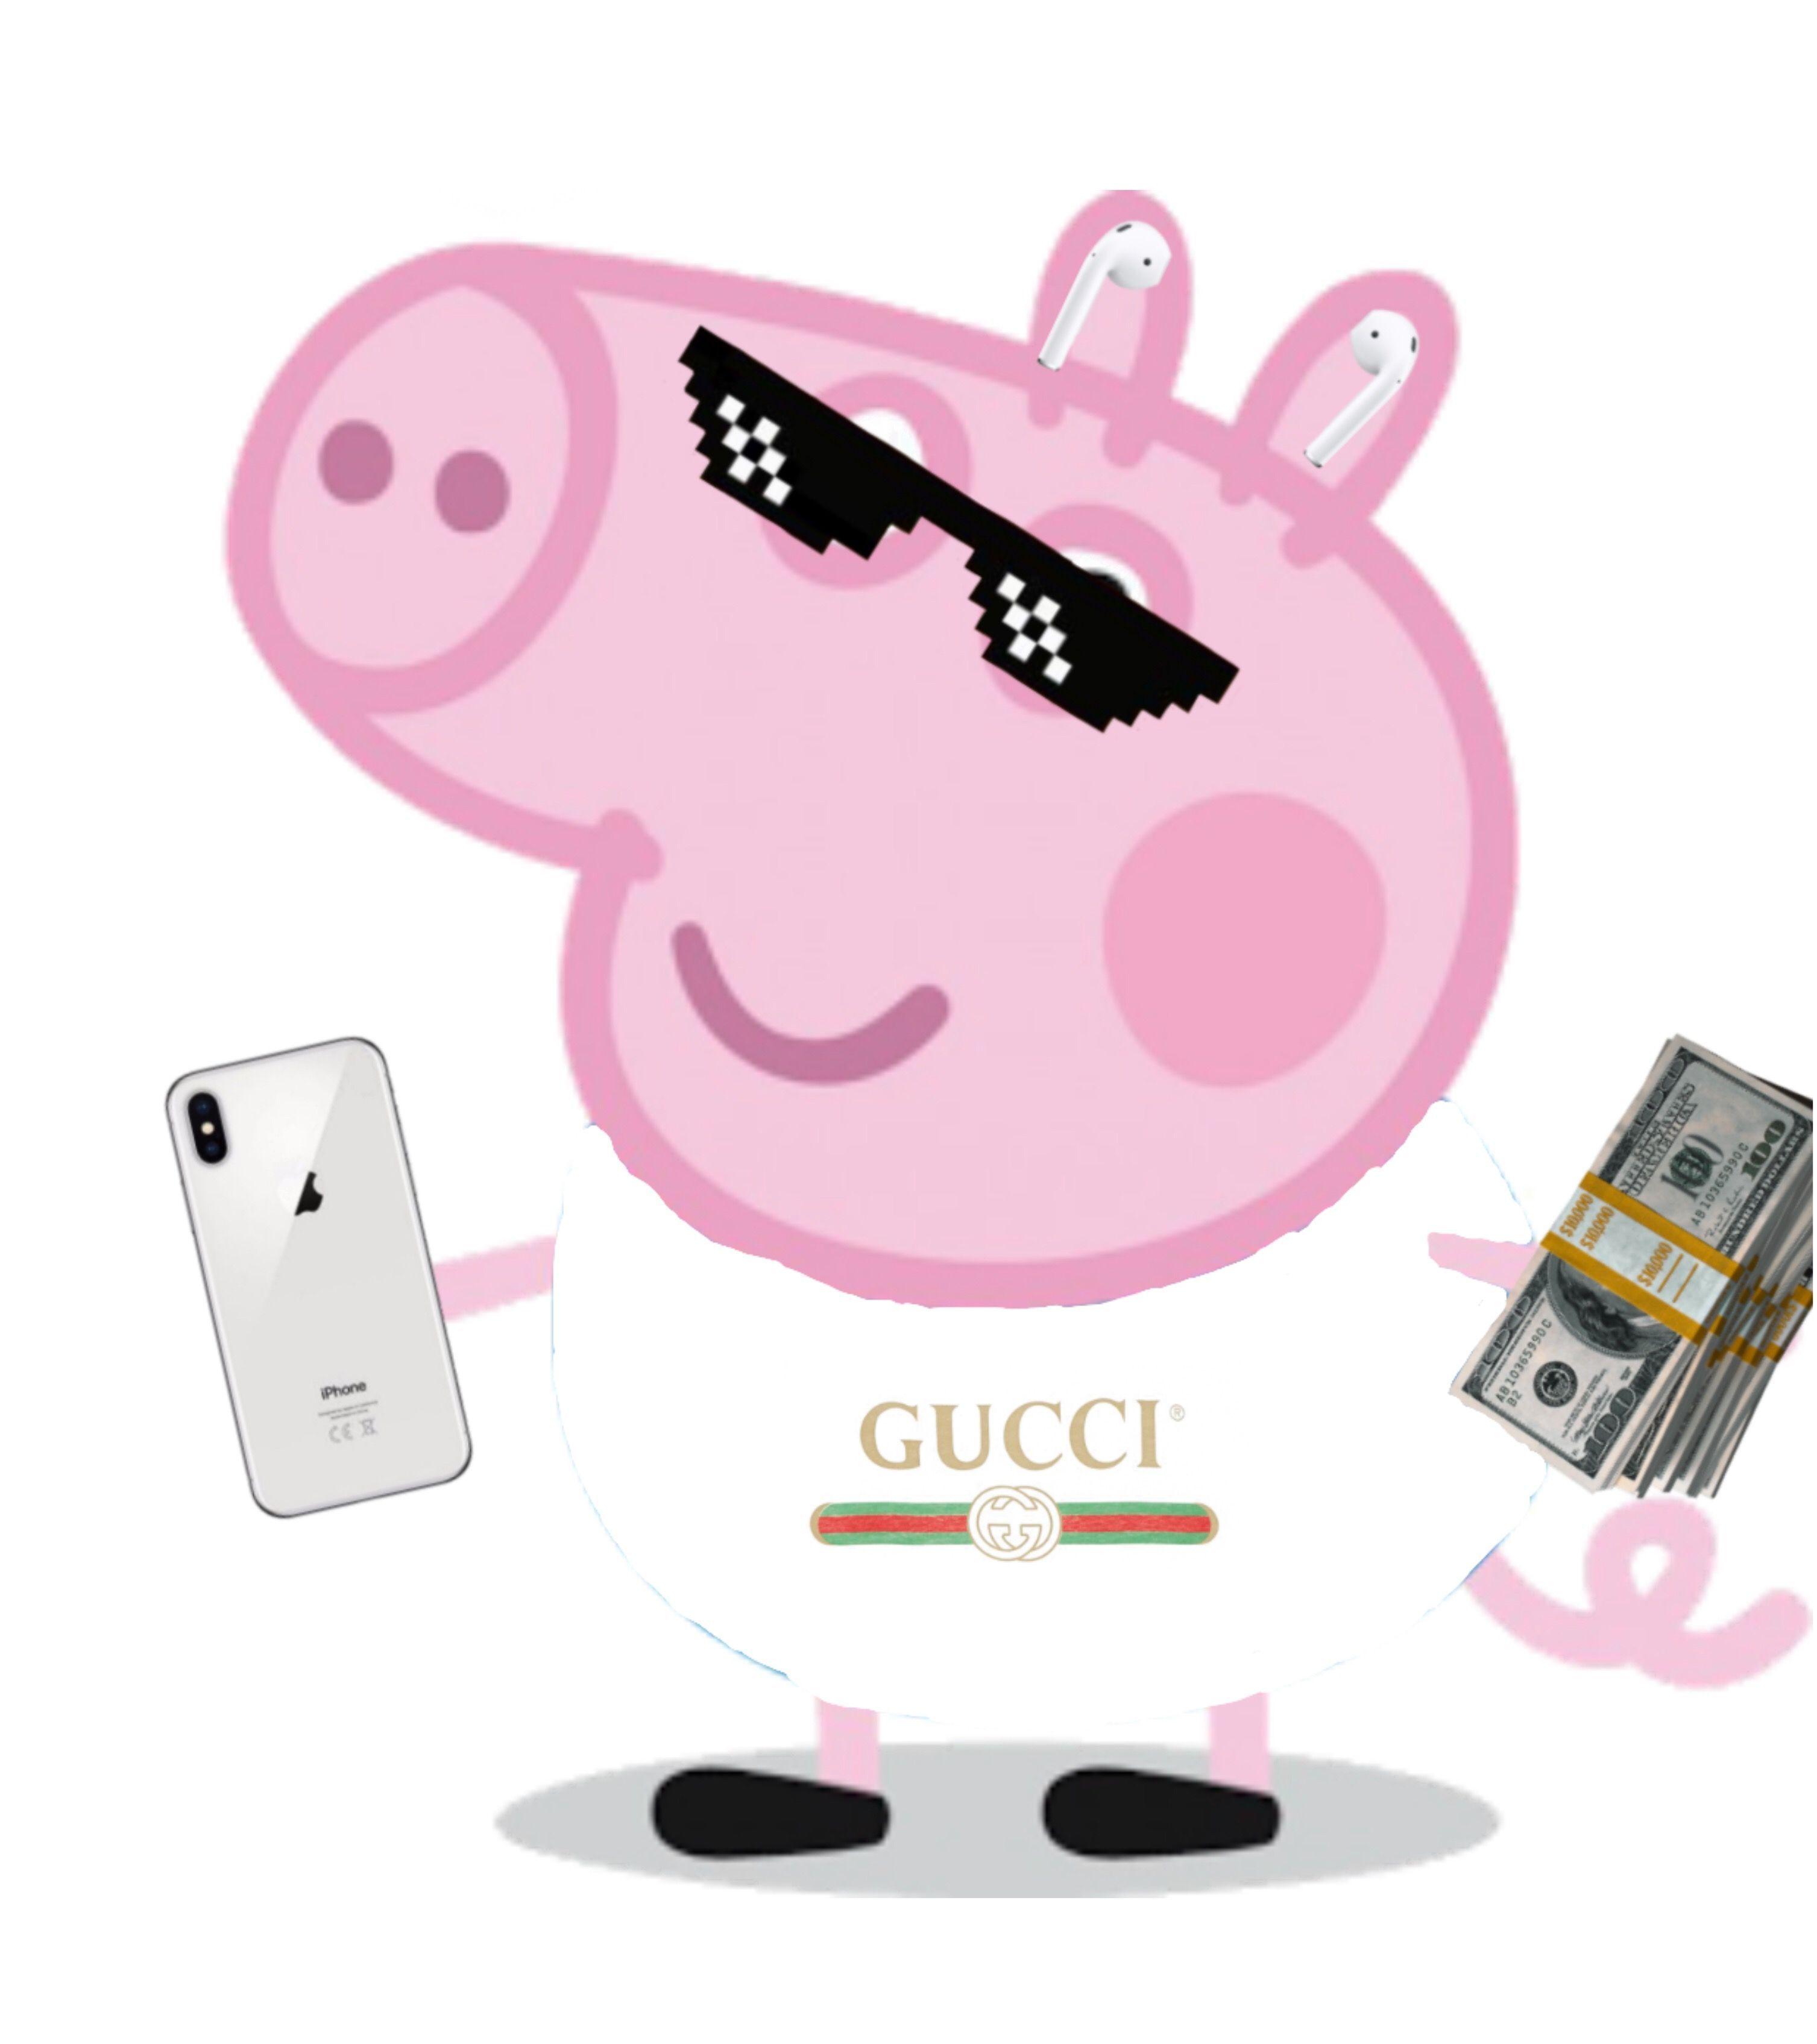 Peppa Merken Geilerd Peppapig Peppa Pig Memes Peppa Pig Funny Peppa Pig Wallpaper